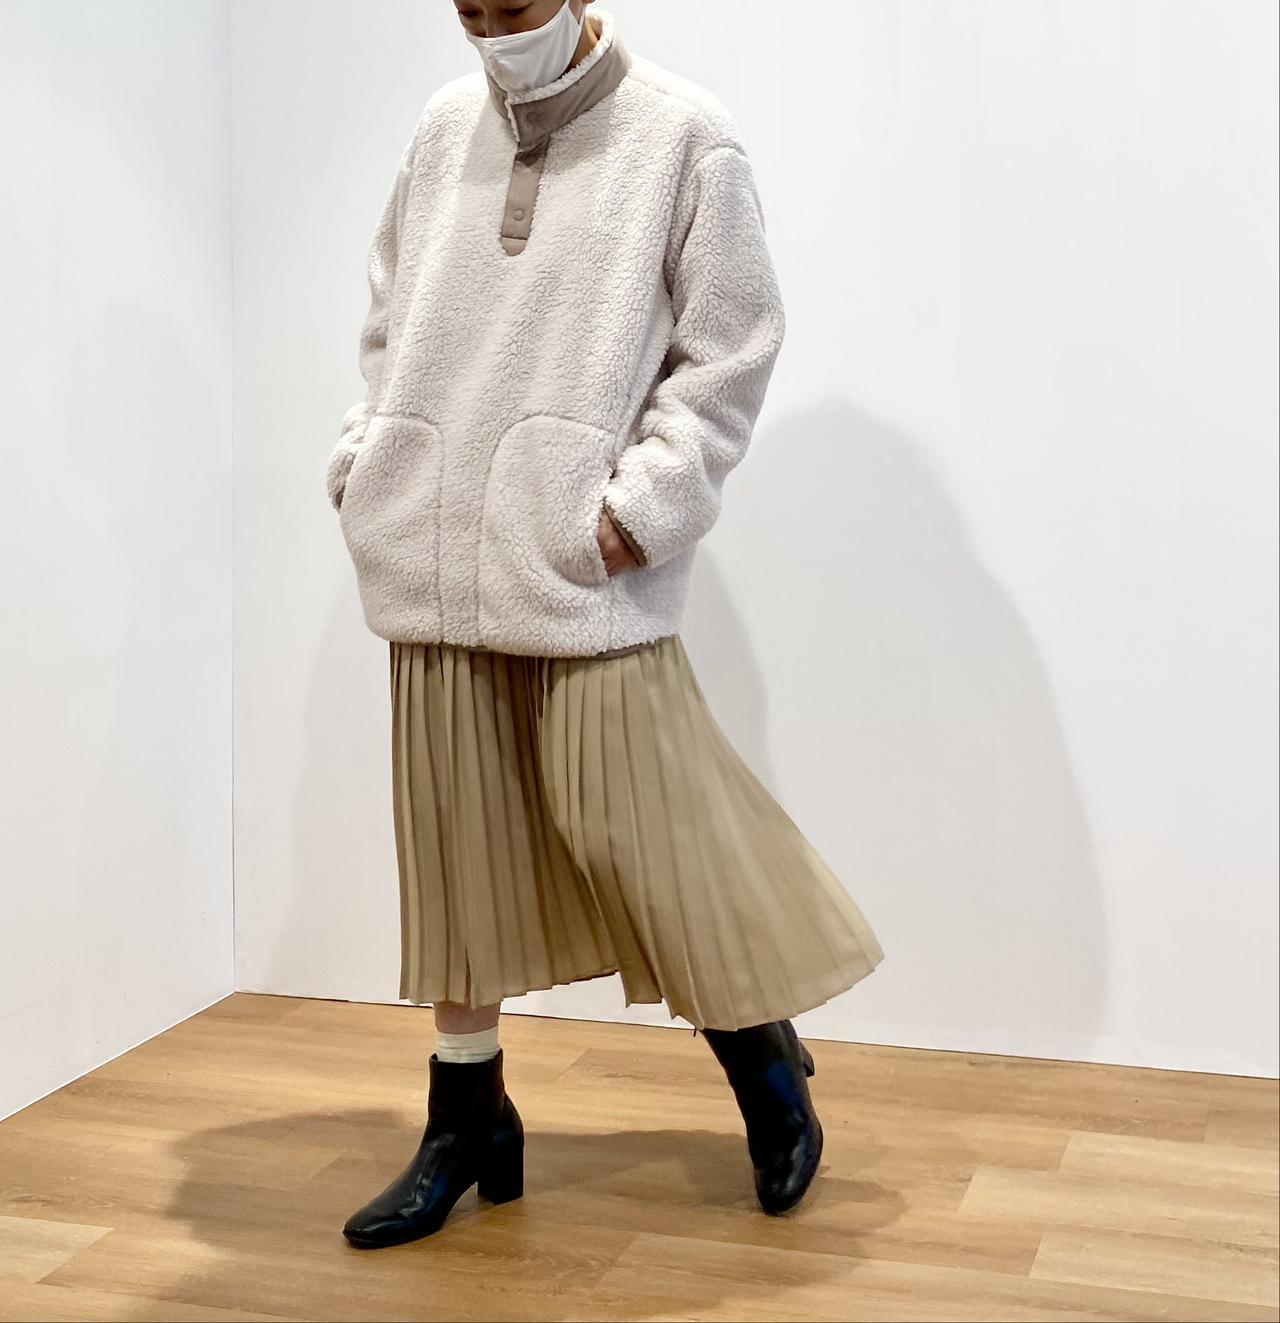 画像1: フリースオーバーサイズプルオーバー¥2,990/ユニクロ(ユニクロ アンド ホワイトマウンテニアリング) 出典:fashion trend news